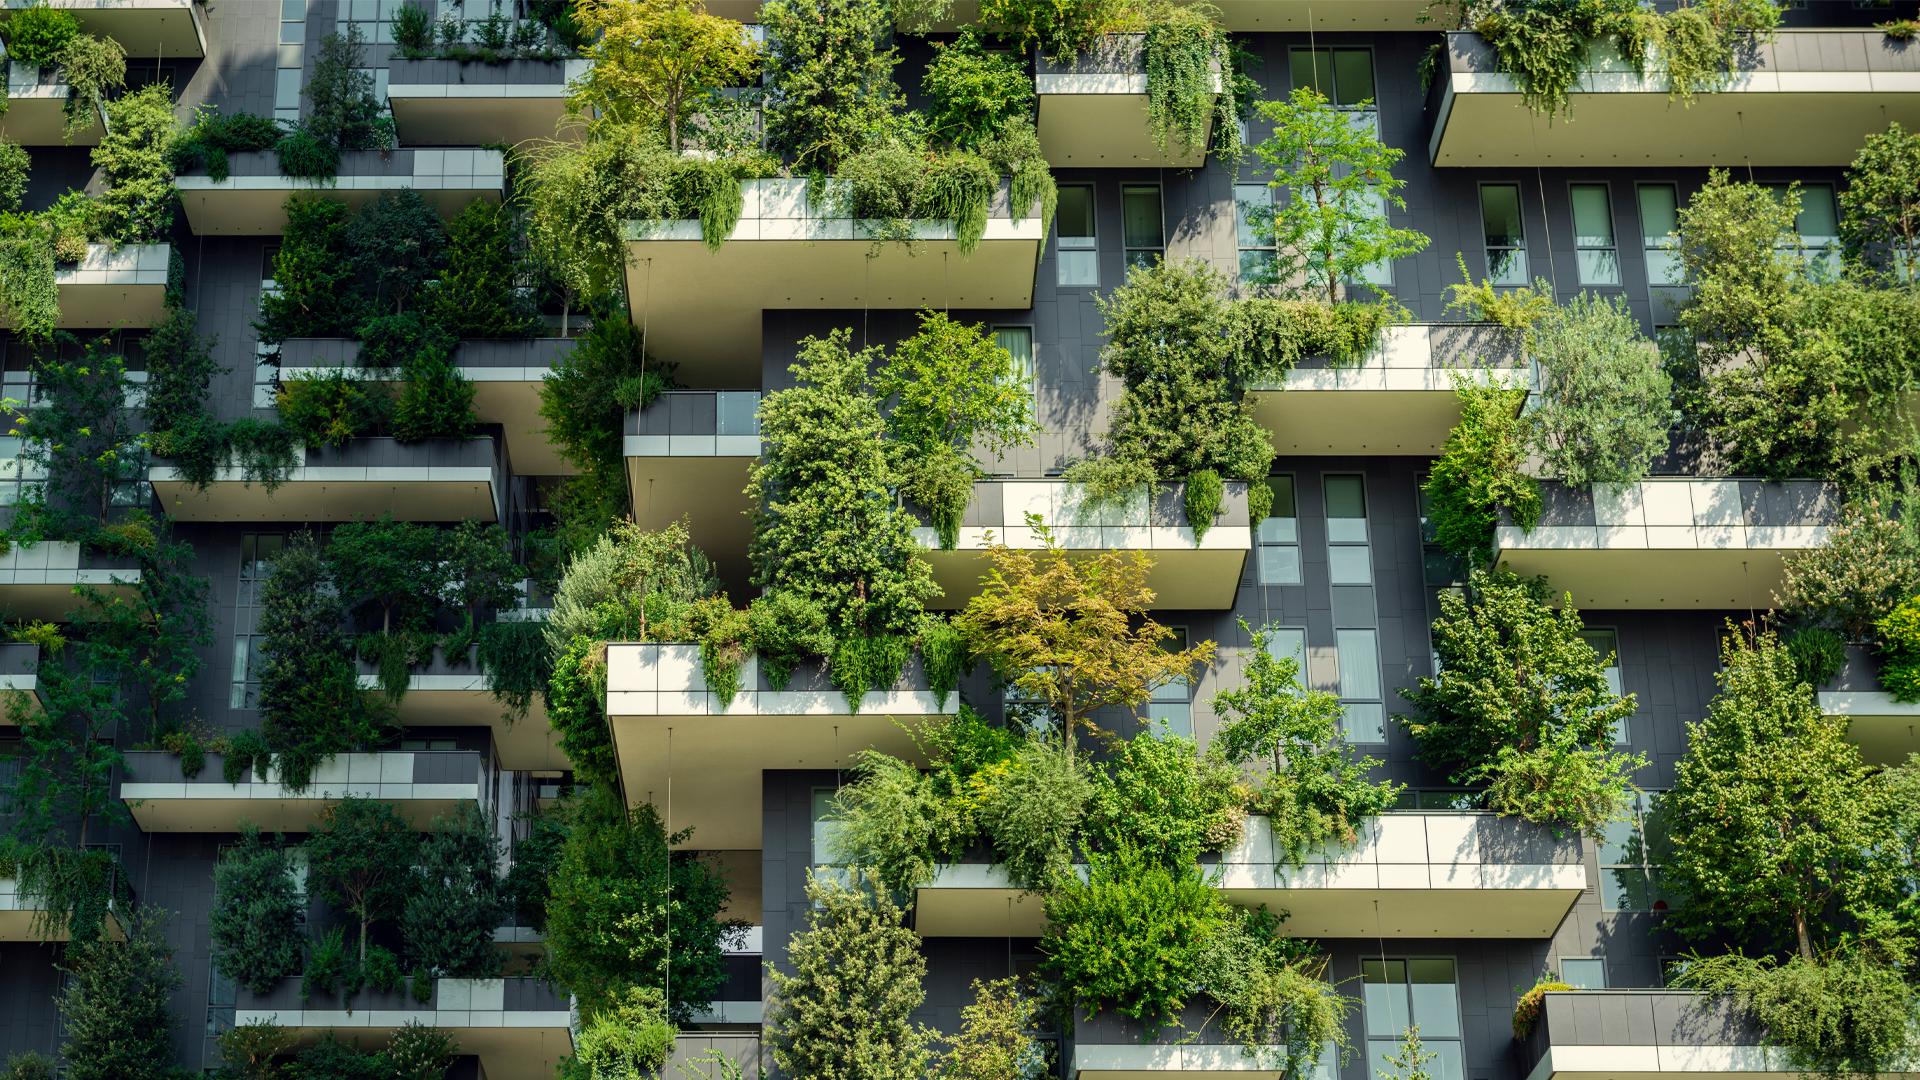 Zukunftsthemen: wie werden wir in Zukunft nachhaltig leben?